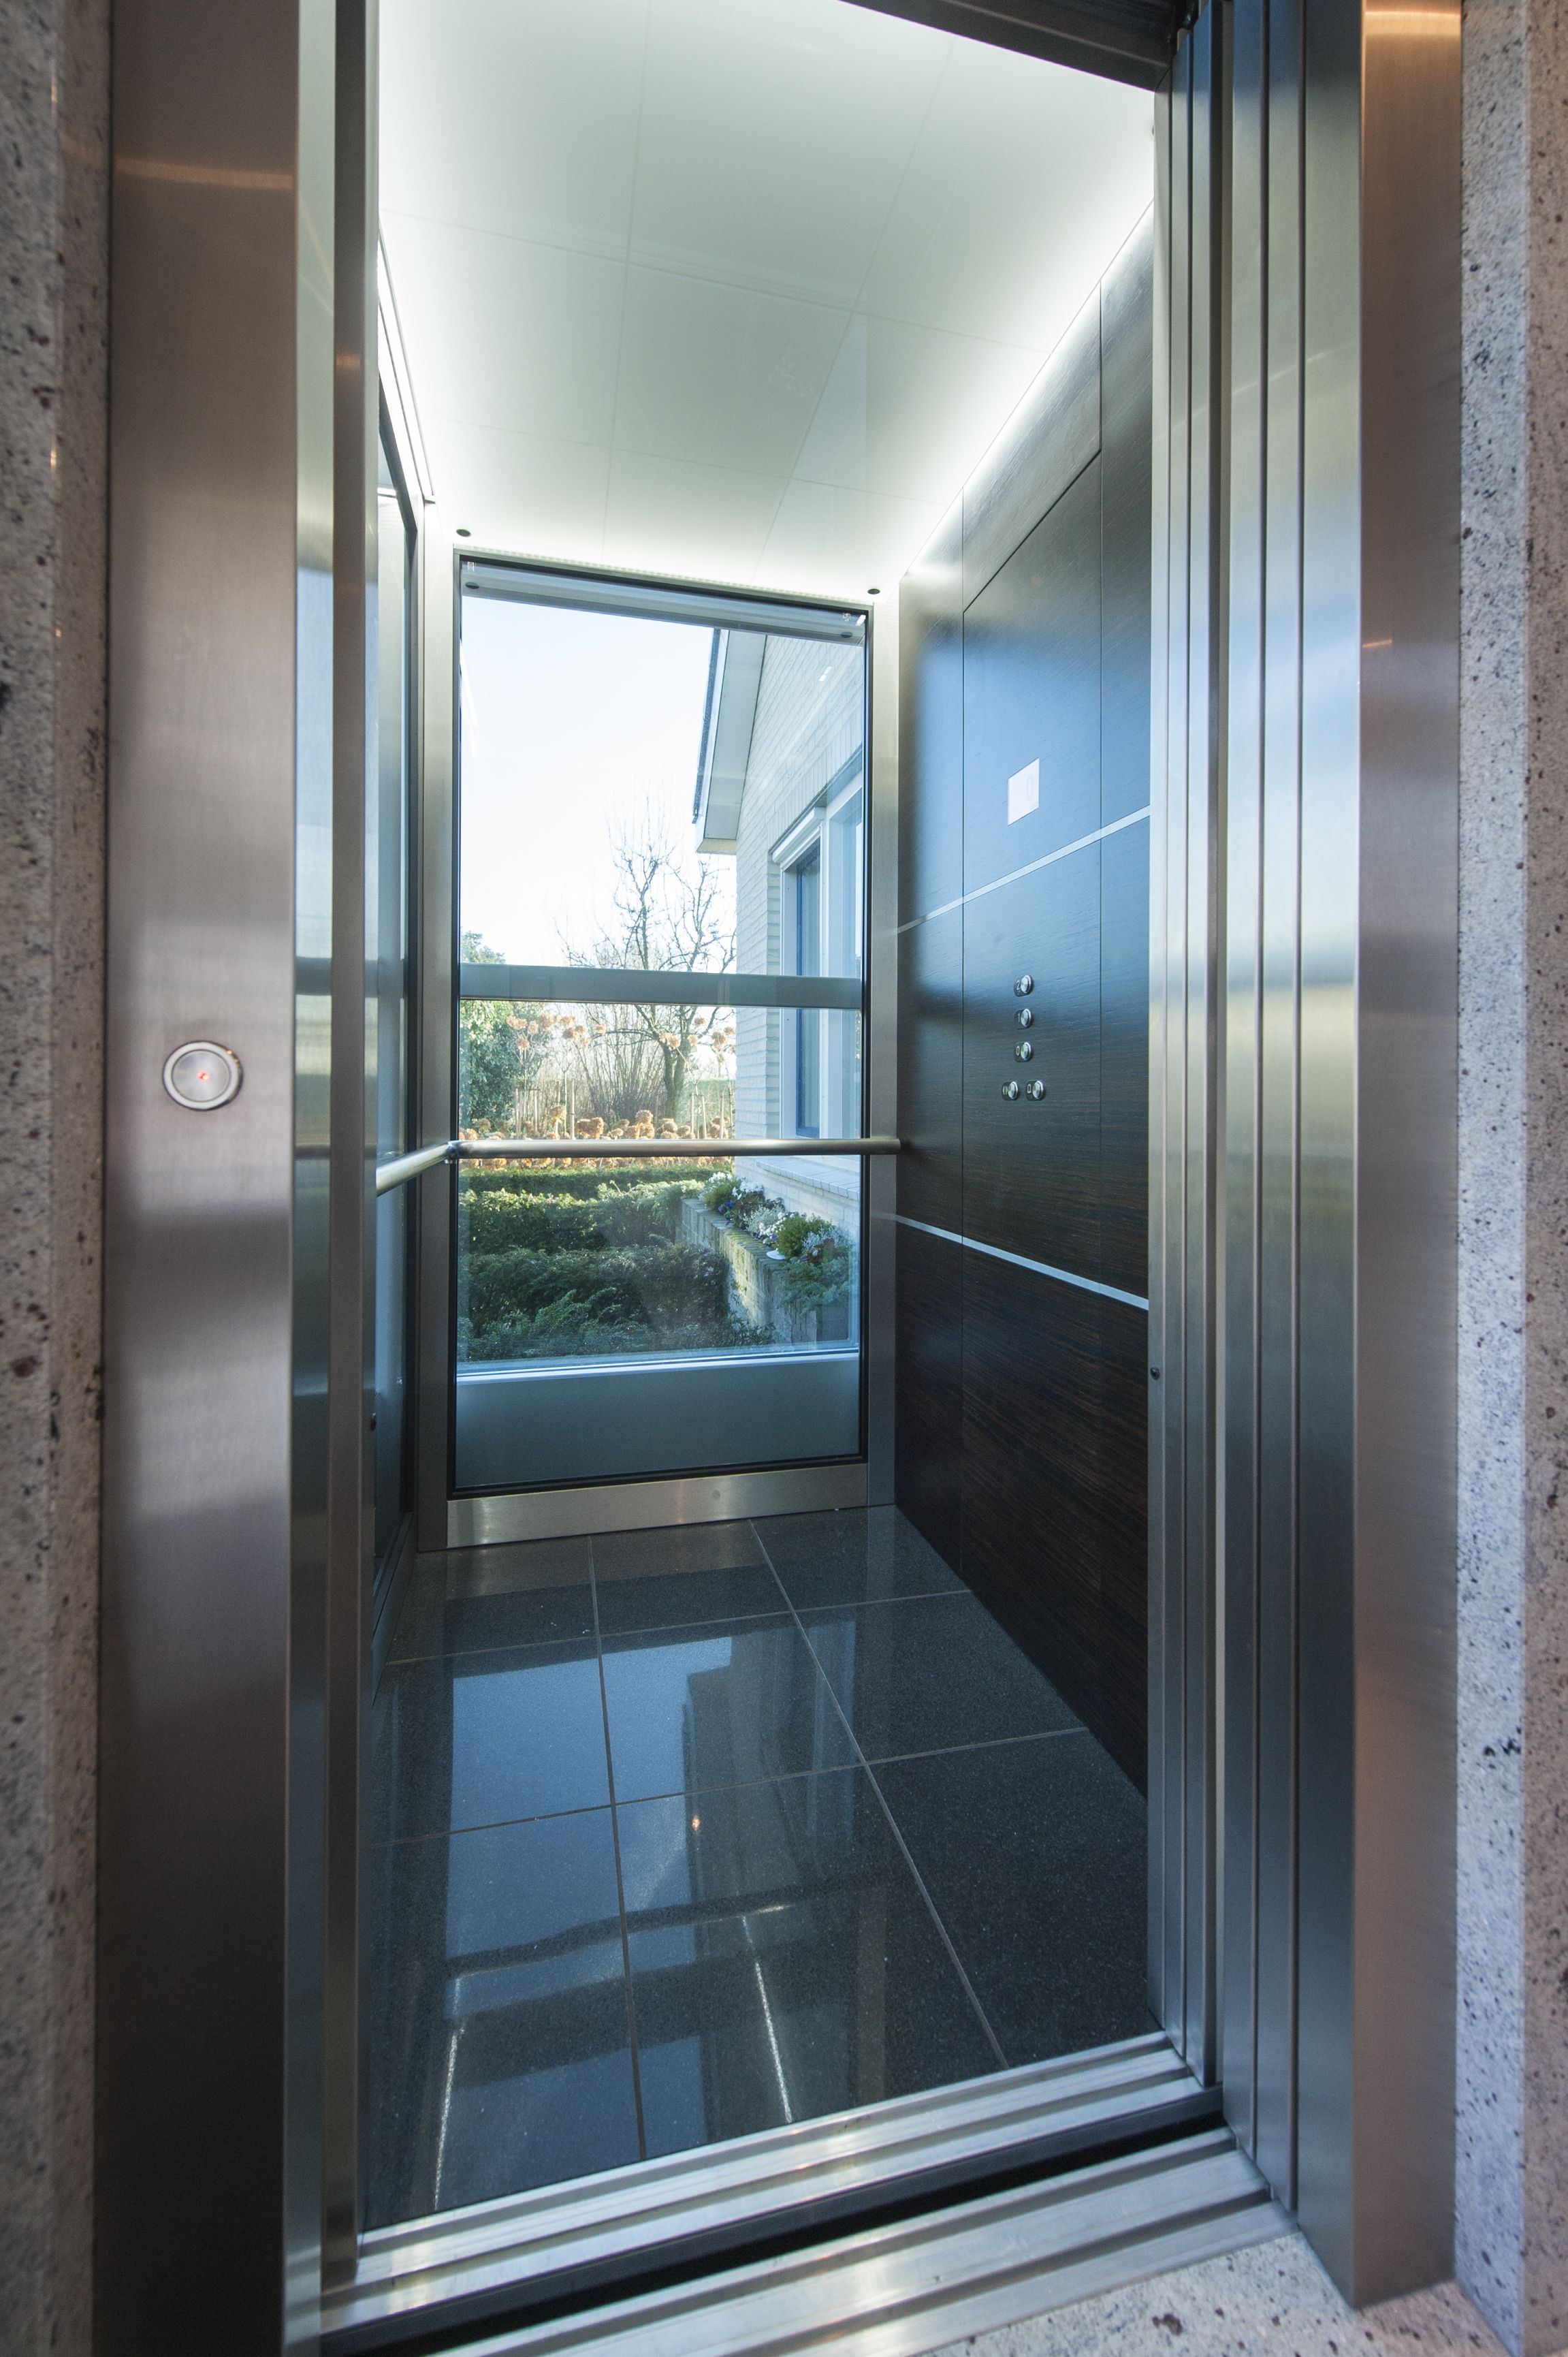 He 5 home elevator thyssenkrupp encasa huislift glass for Modern home elevators